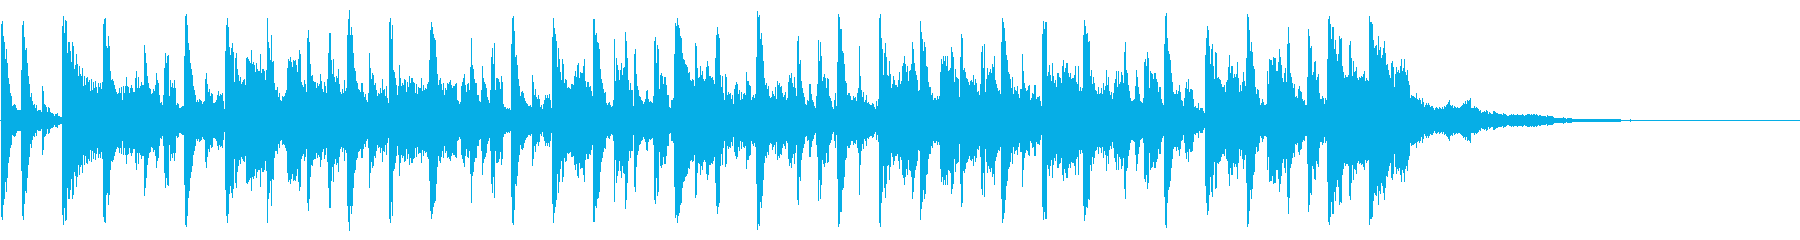 ミレニアムの再生済みの波形